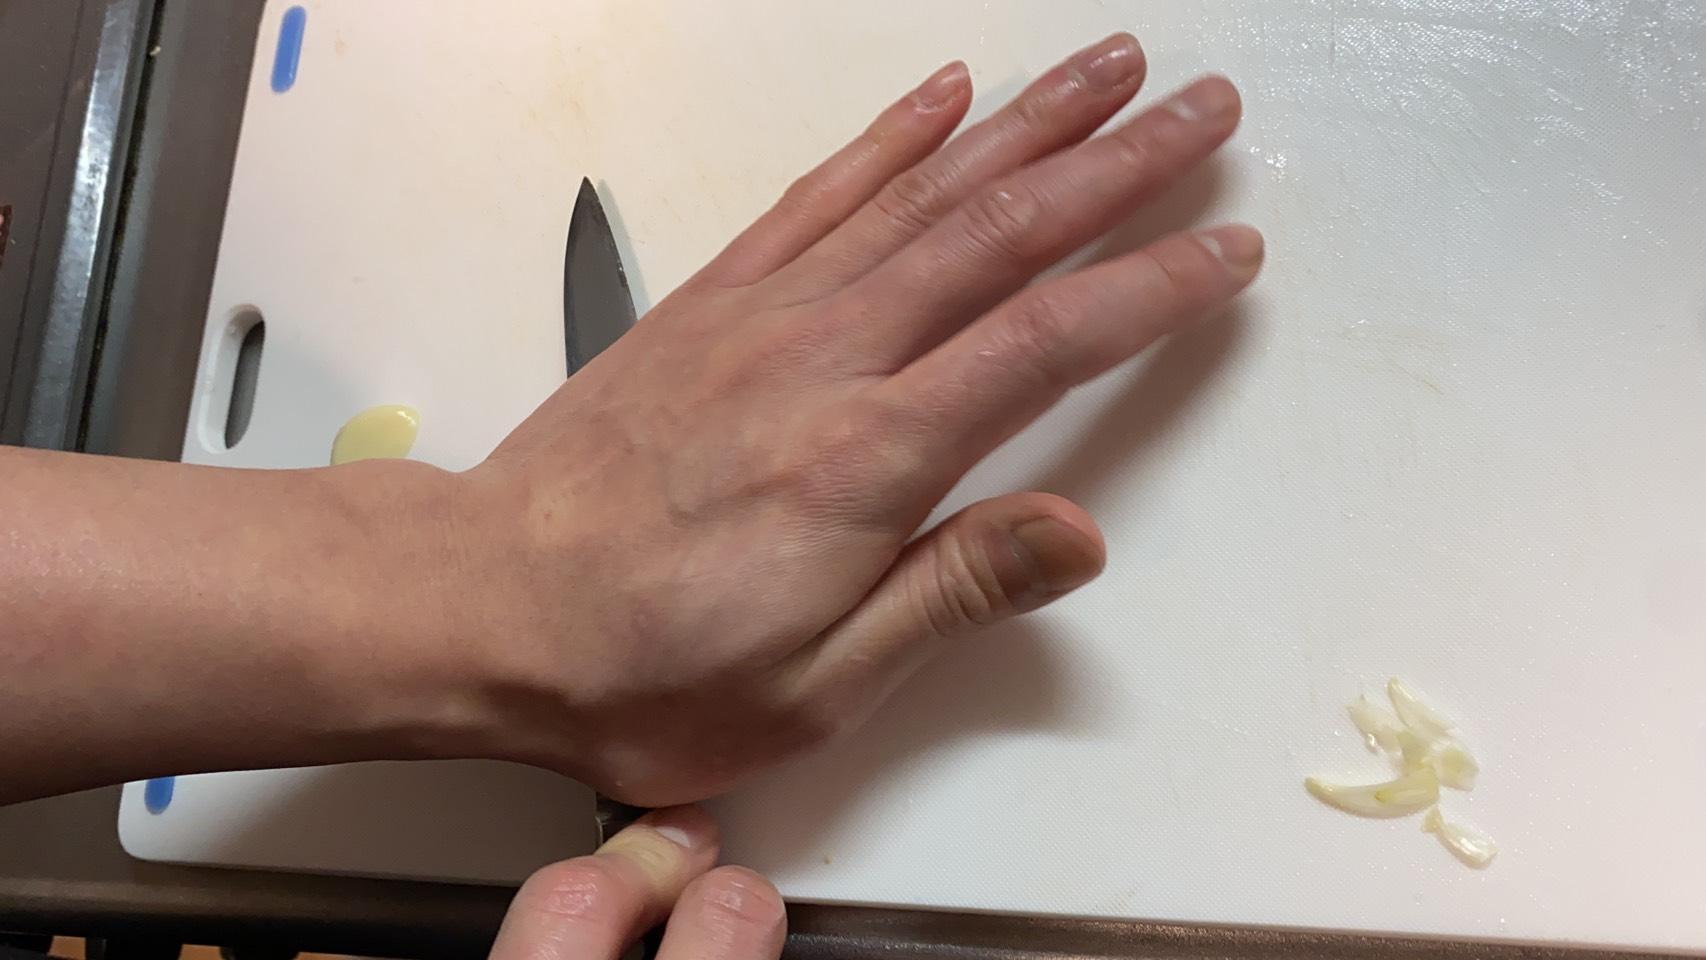 芽を取り除いたニンニクを包丁の腹で叩き潰す様子の画像です